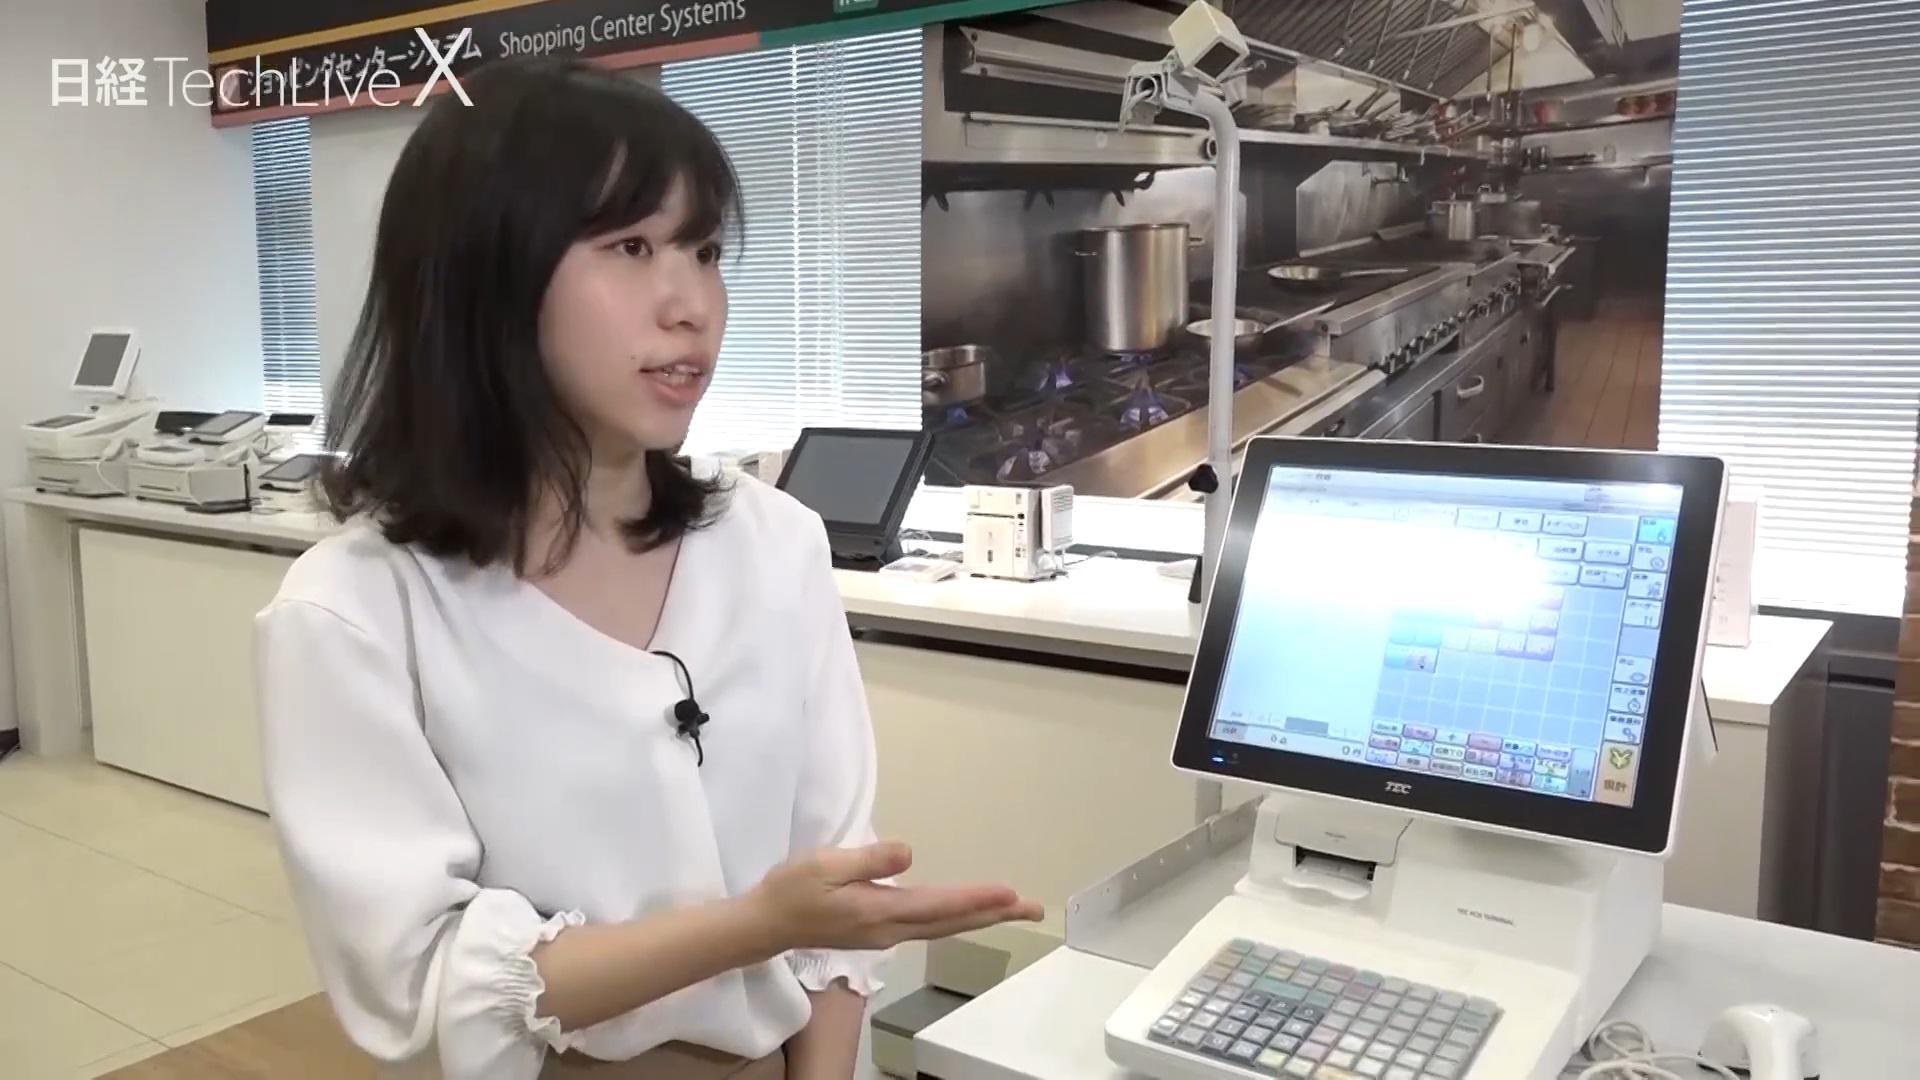 ここまで便利に!飲食・小売業の未来システム~日経TechLiveXテキスト~